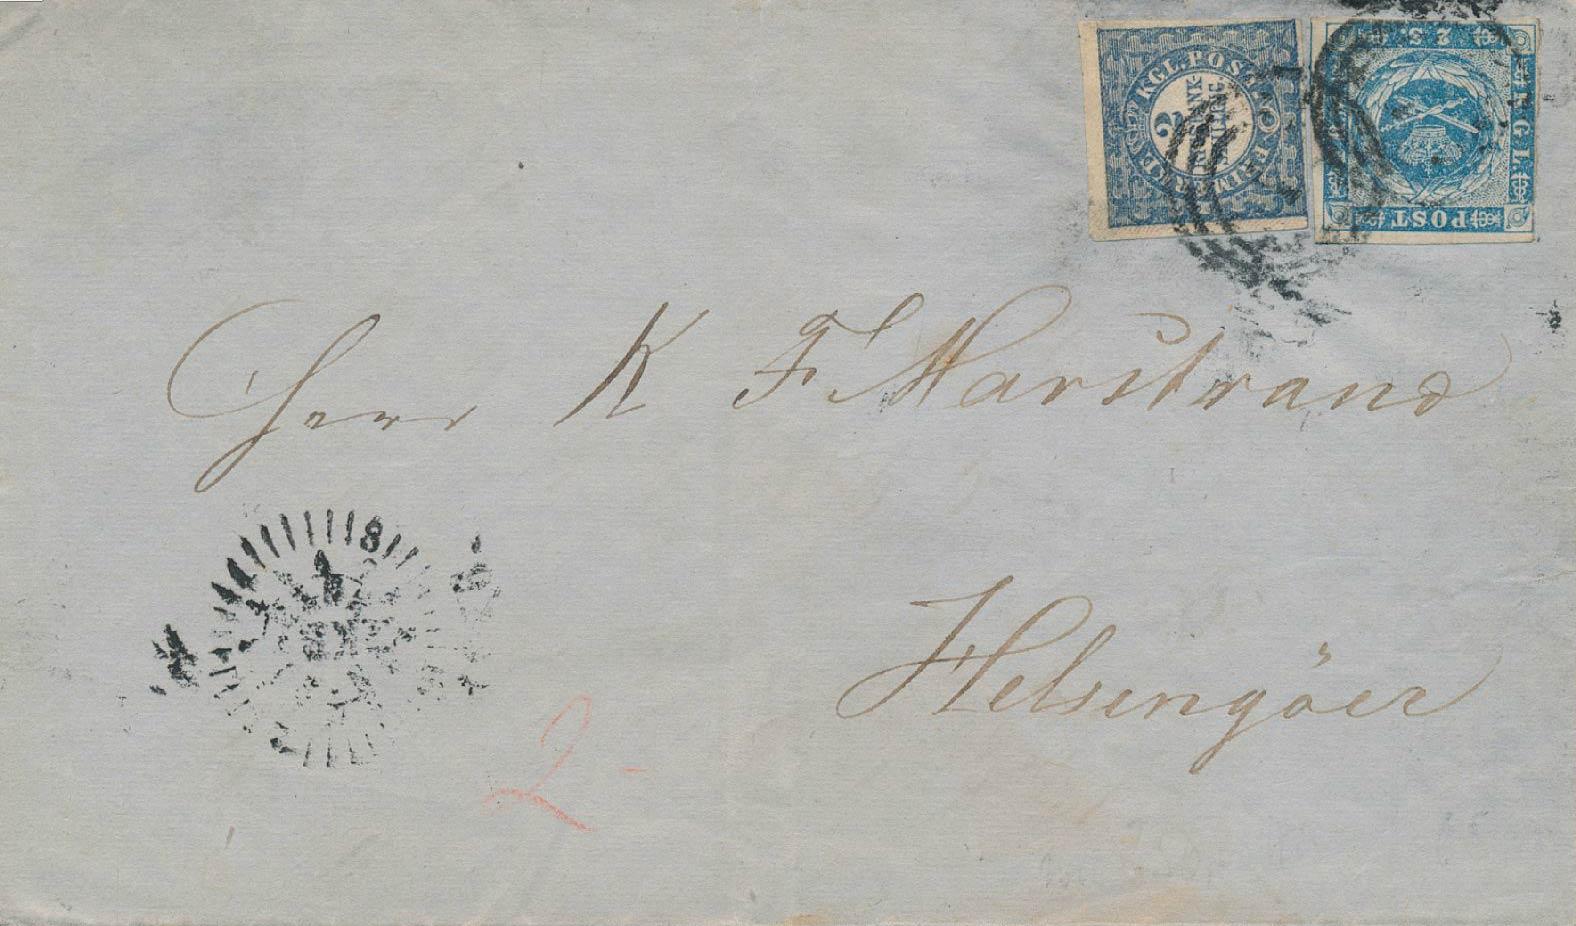 Denmark_1851_2rbs_Cover_Forgery